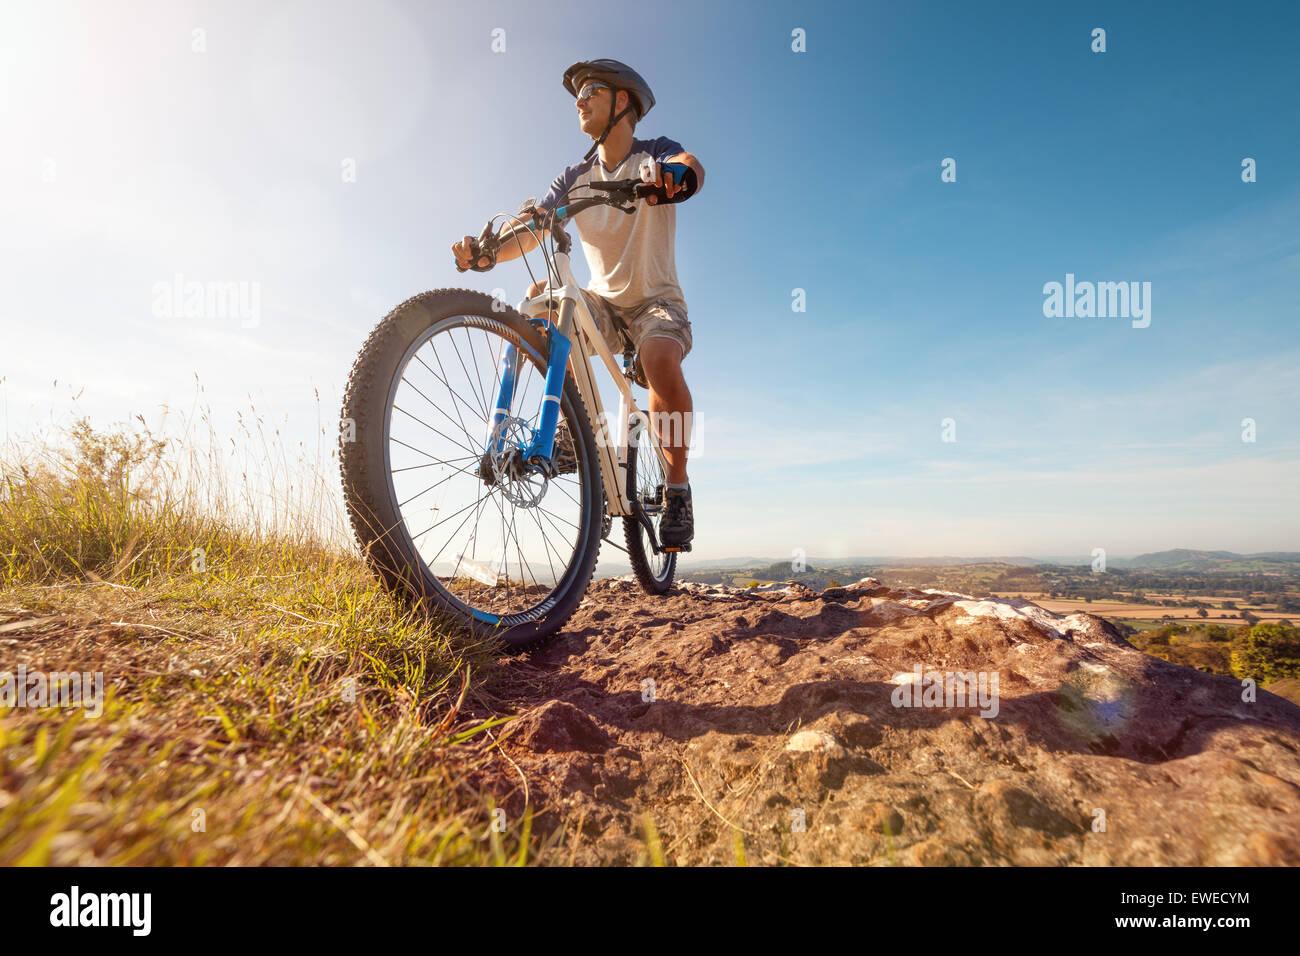 Du vélo de montagne en action Photo Stock